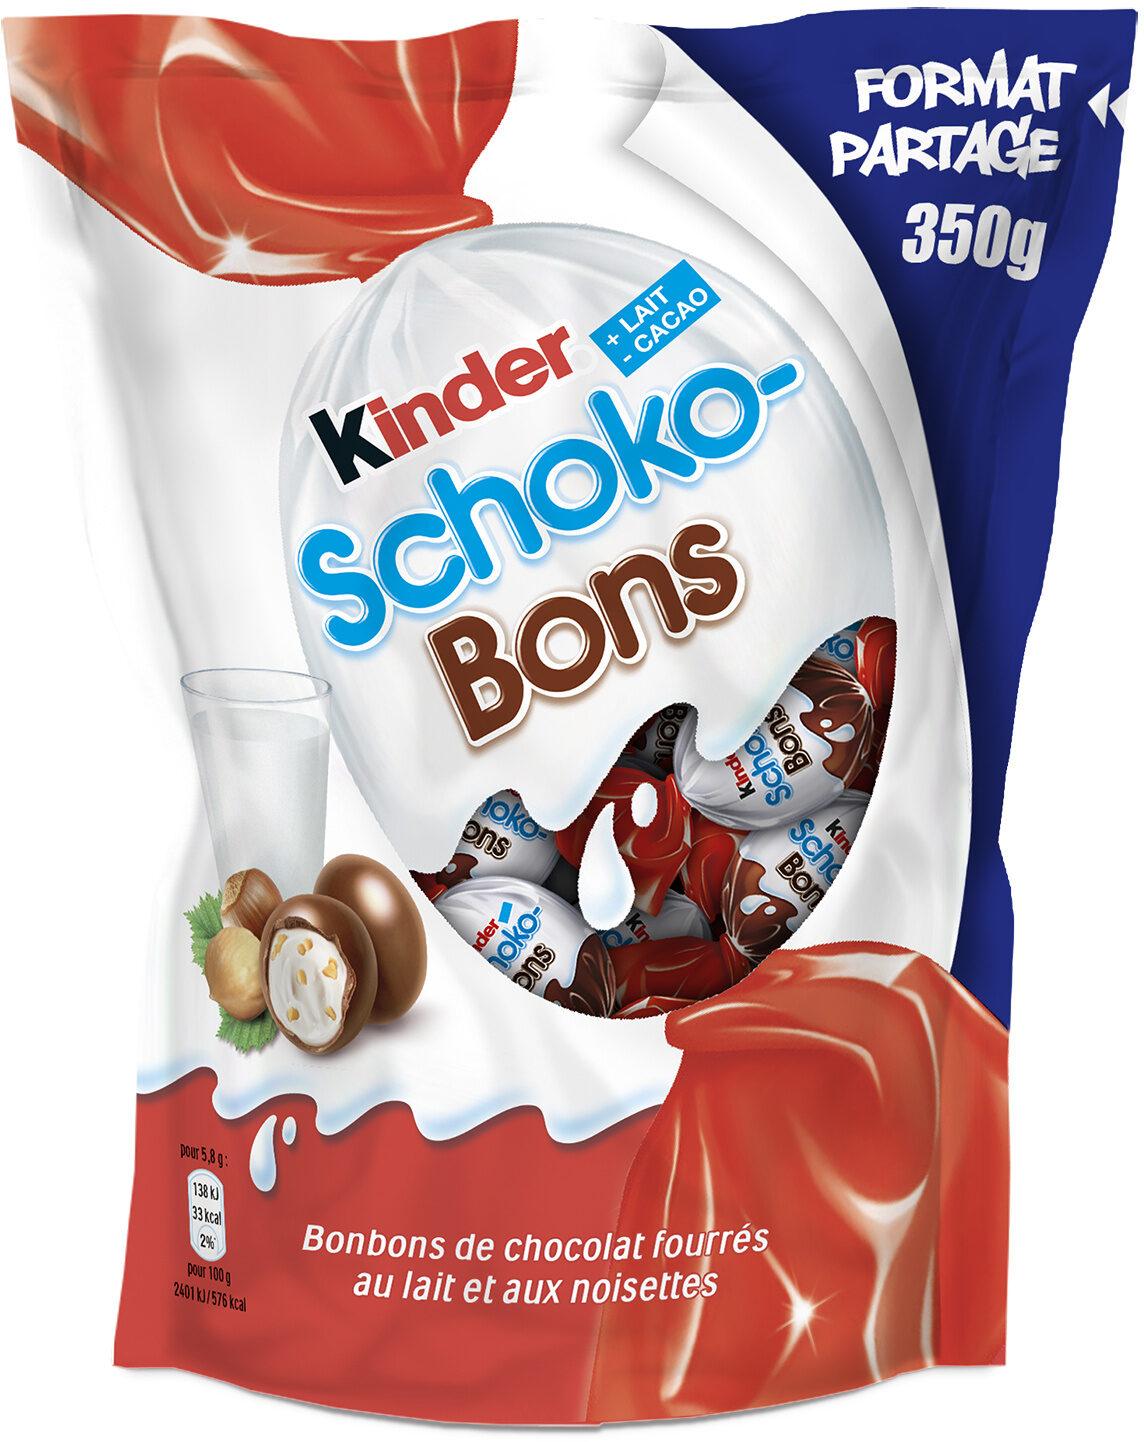 Kinder schokobons bonbons de chocolat au lait fourres lait et noisettes sachet - Produit - fr